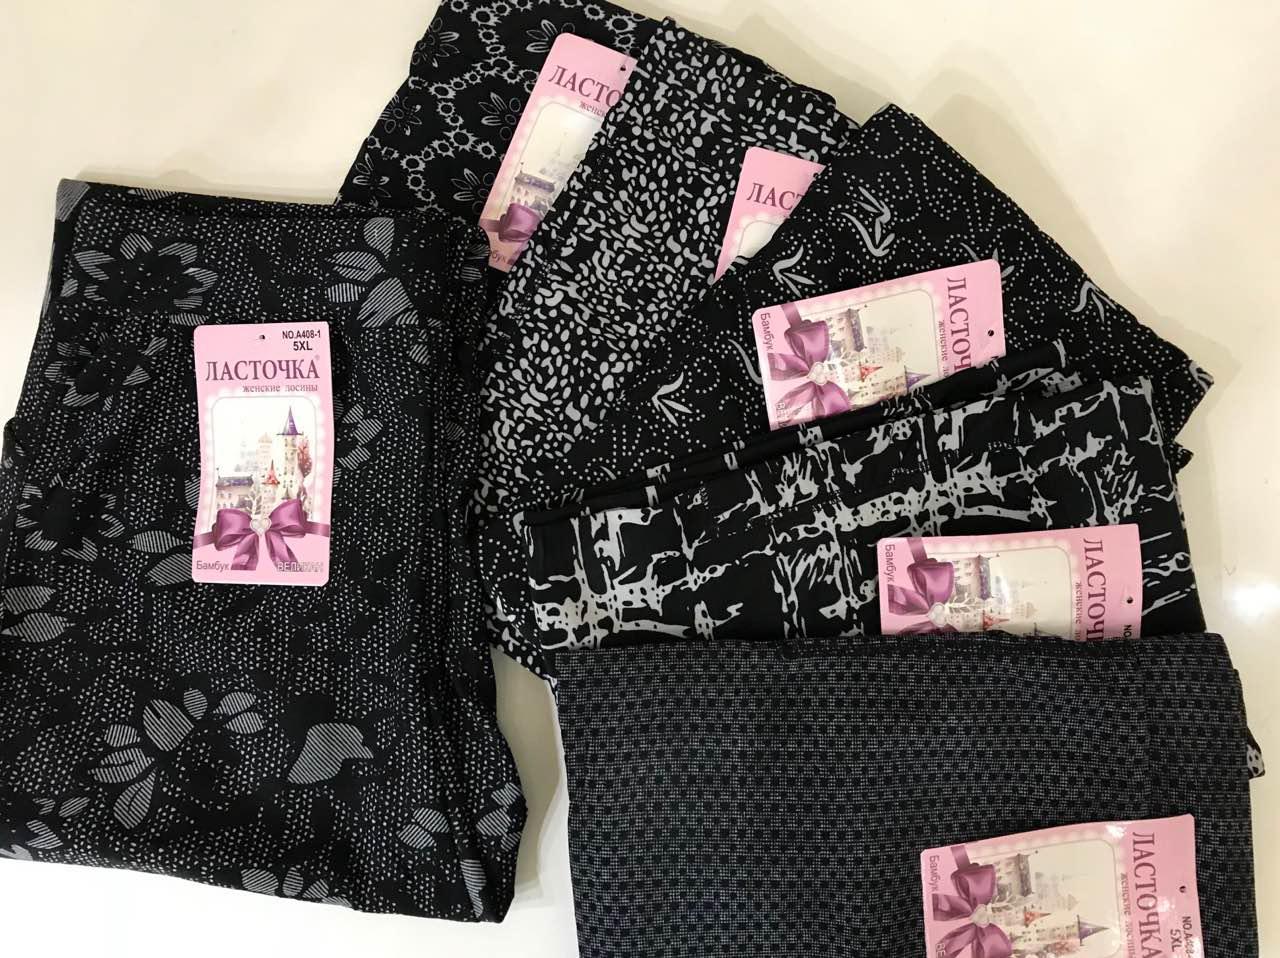 Лосины брюки женские с карманами  6XL Ласточка